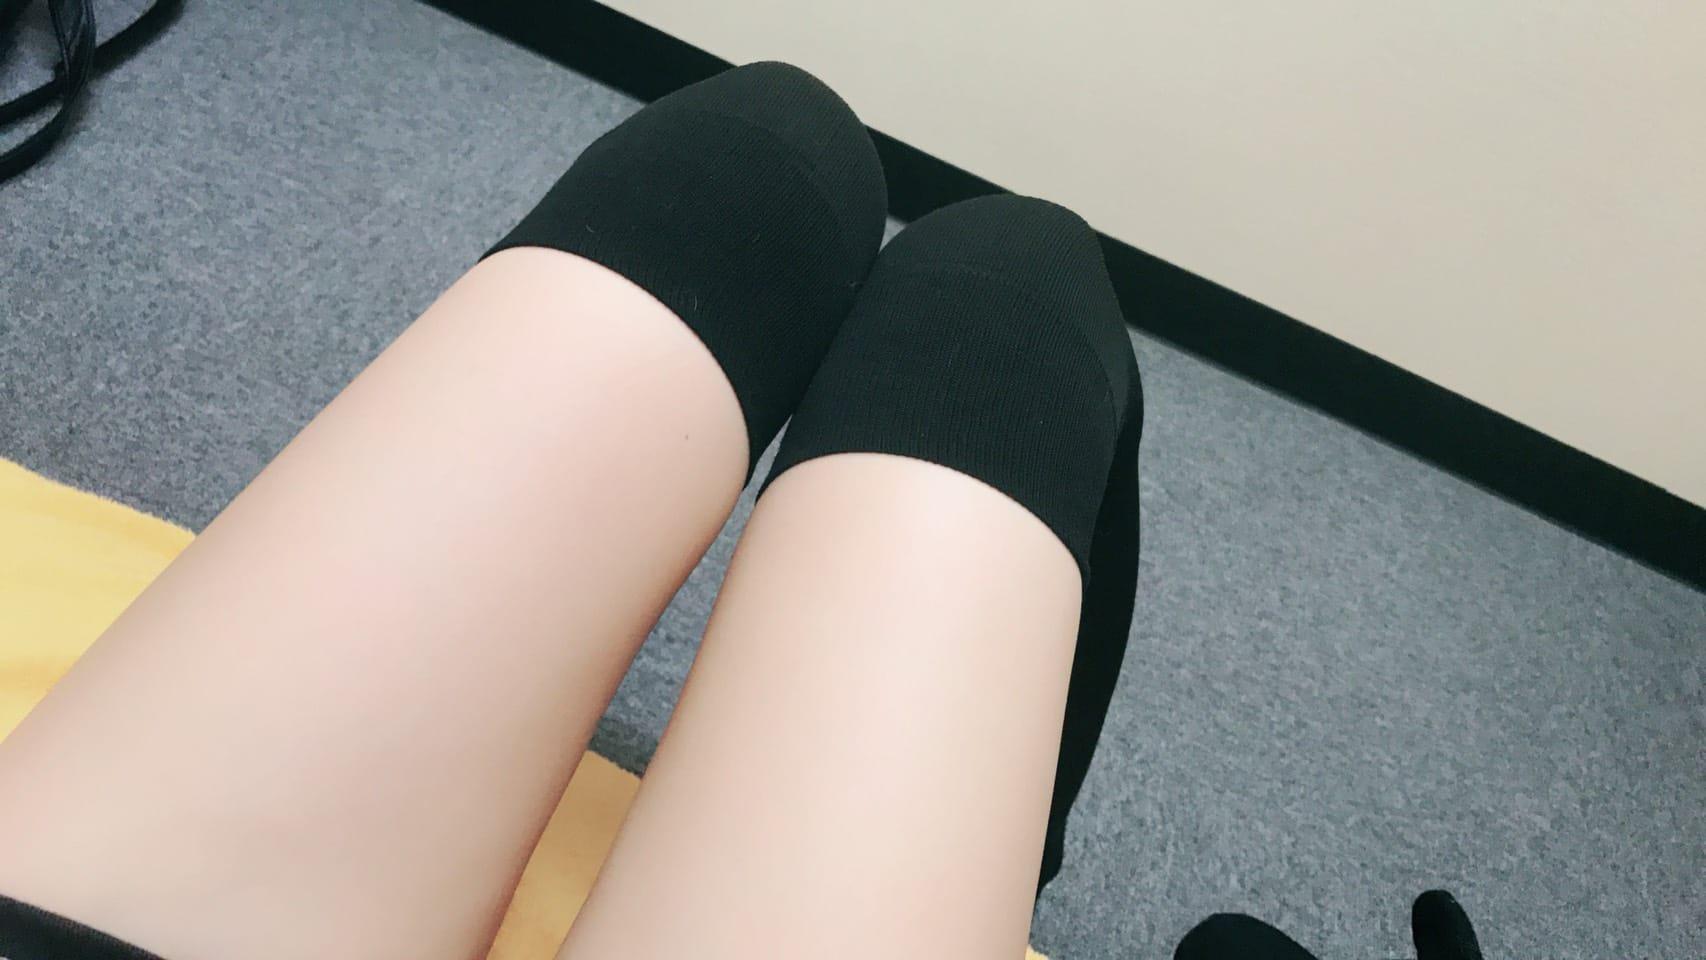 「おはようございます☆」10/17(火) 18:05   ゆ☆り☆あ彡の写メ・風俗動画